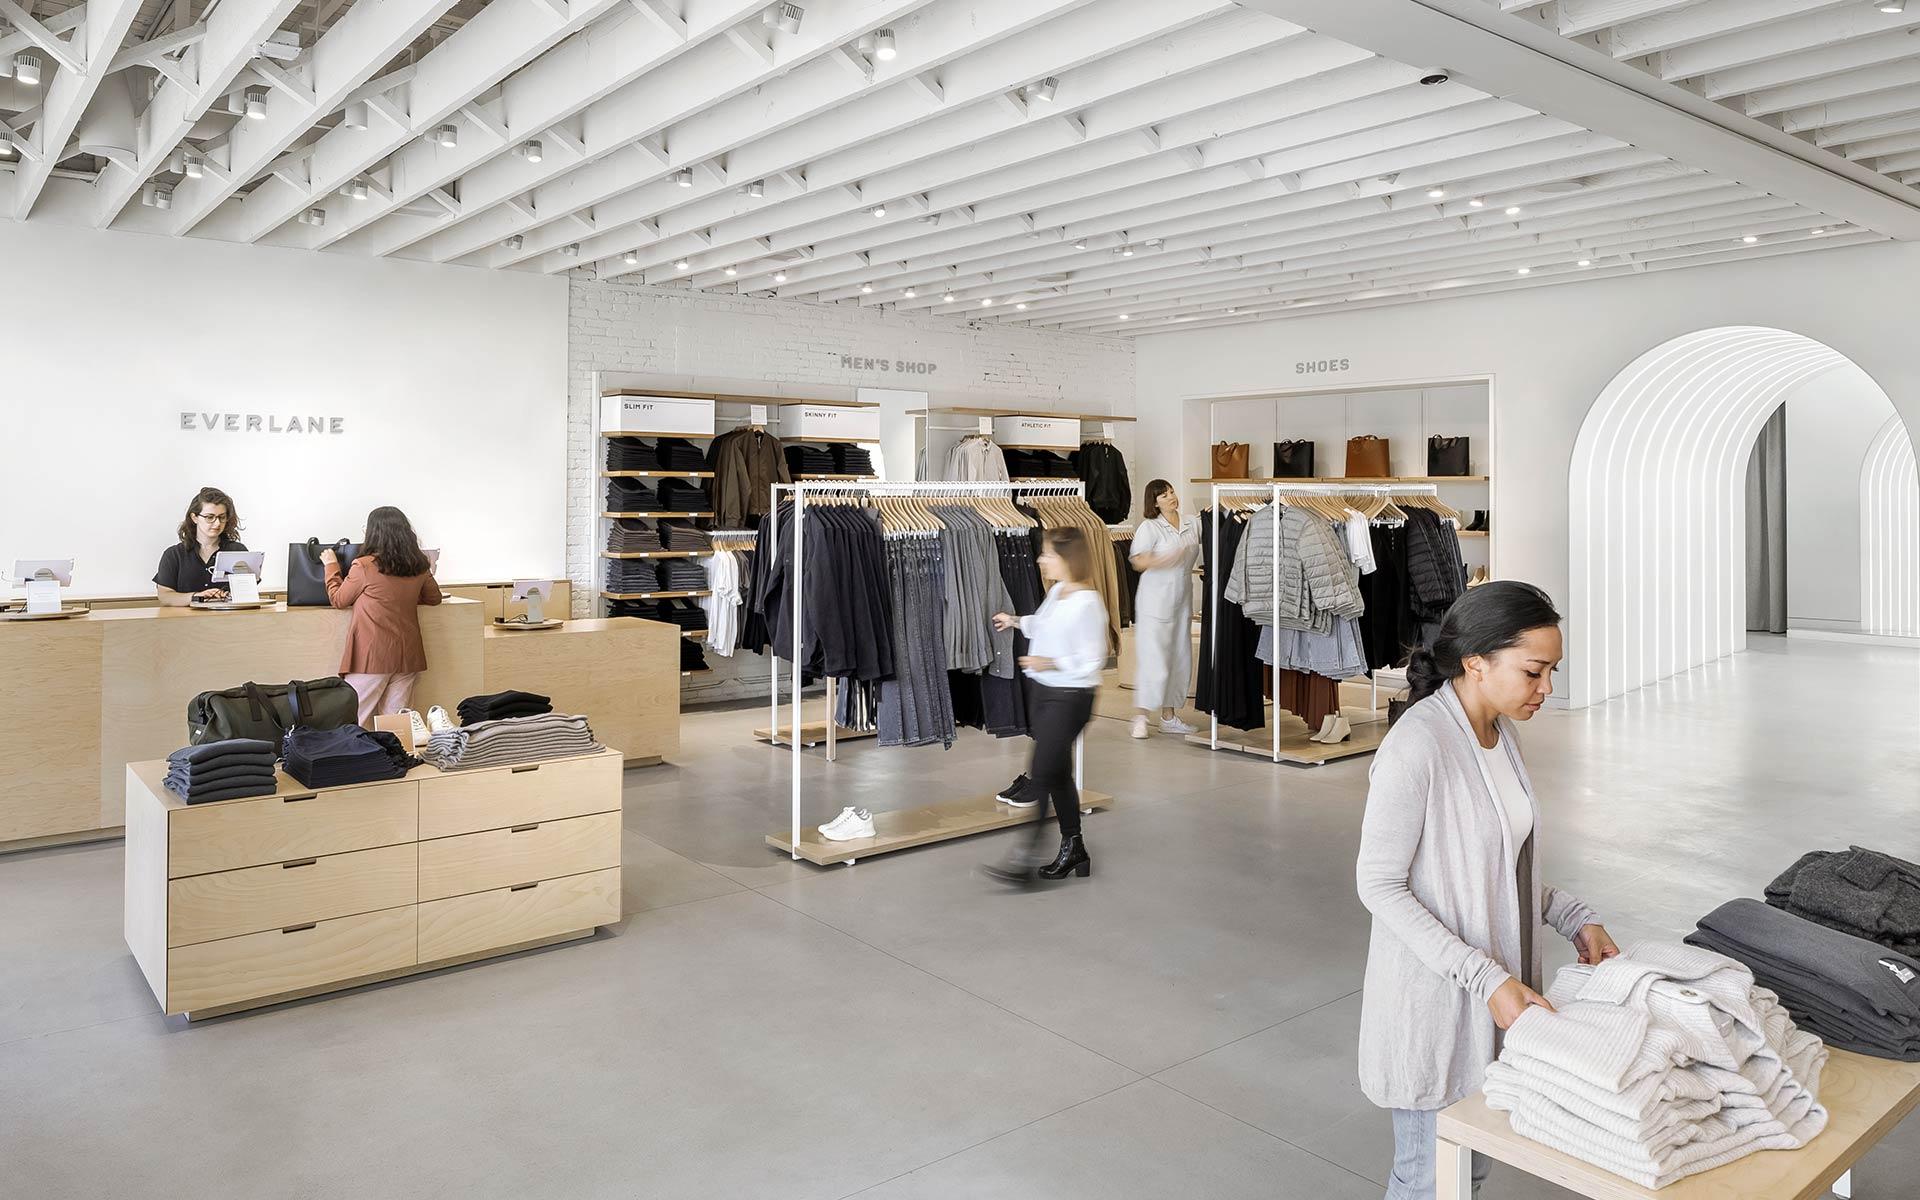 Everlane 推出微信商城;天猫食品发布「新品牌创造营」;NIKE 发布最新品牌视频|品牌日报